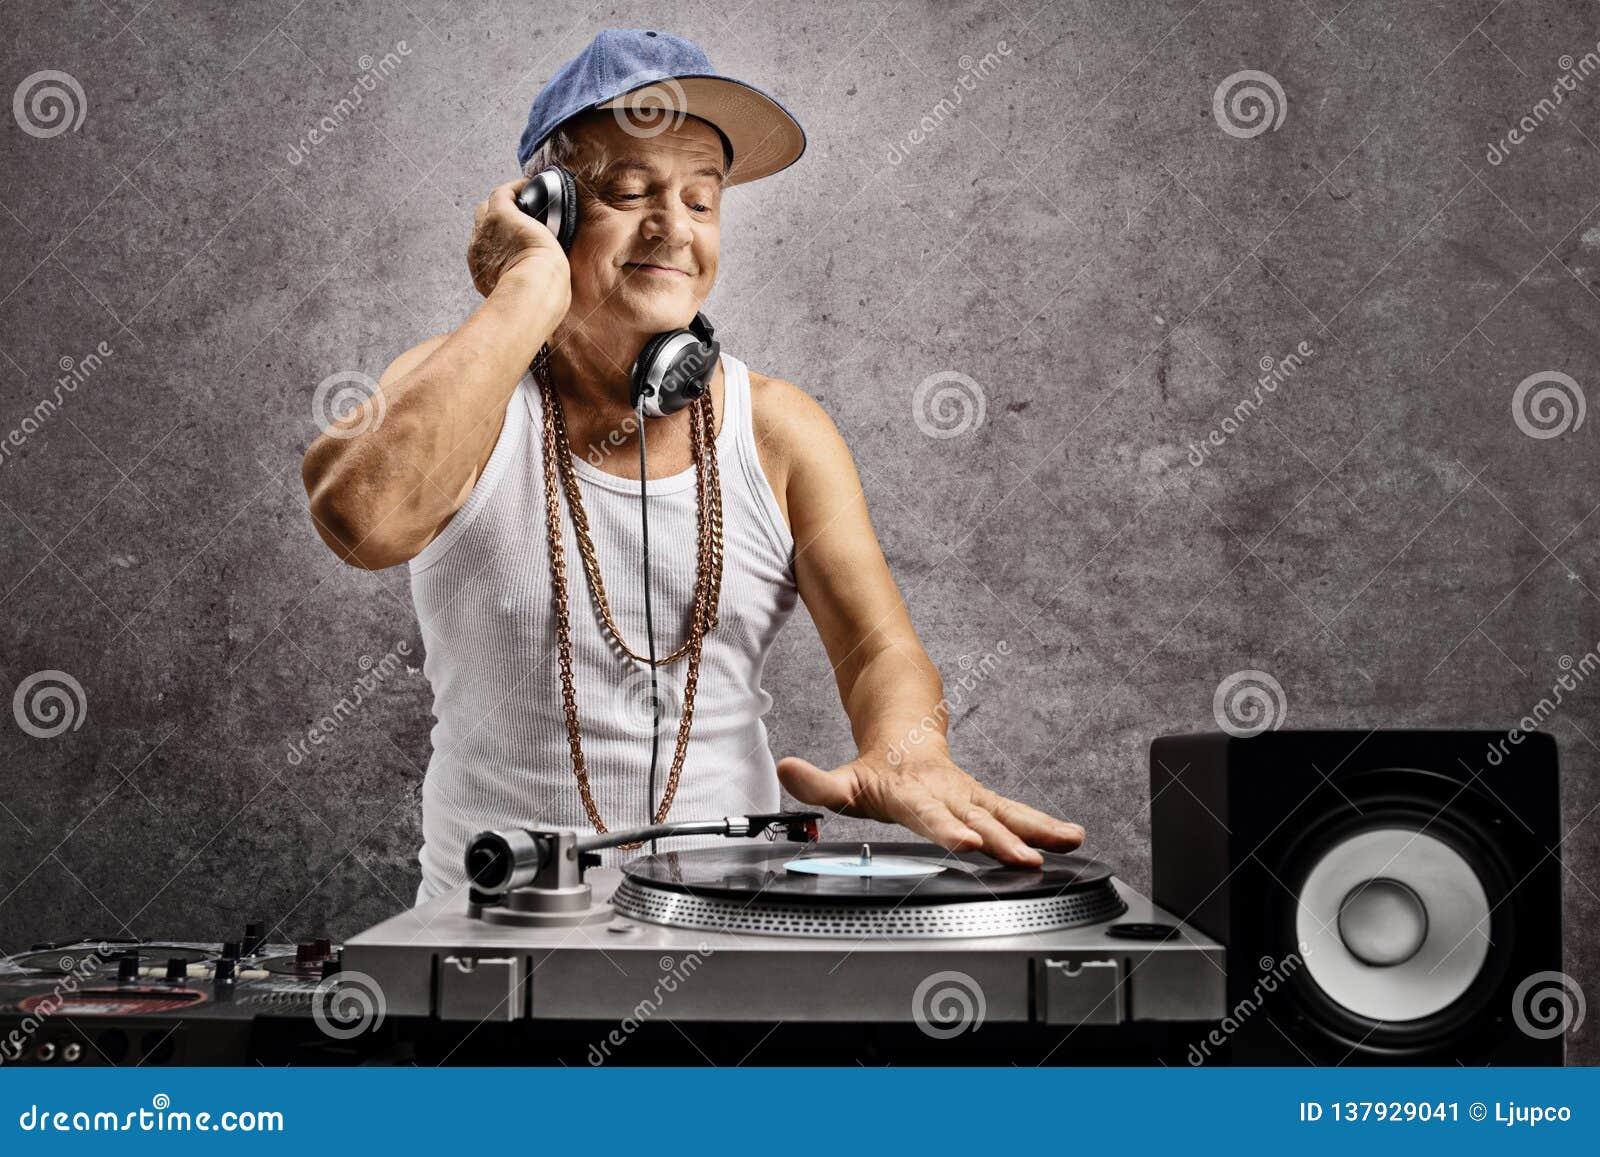 Le DJ mûr avec des écouteurs jouant la musique à une plaque tournante